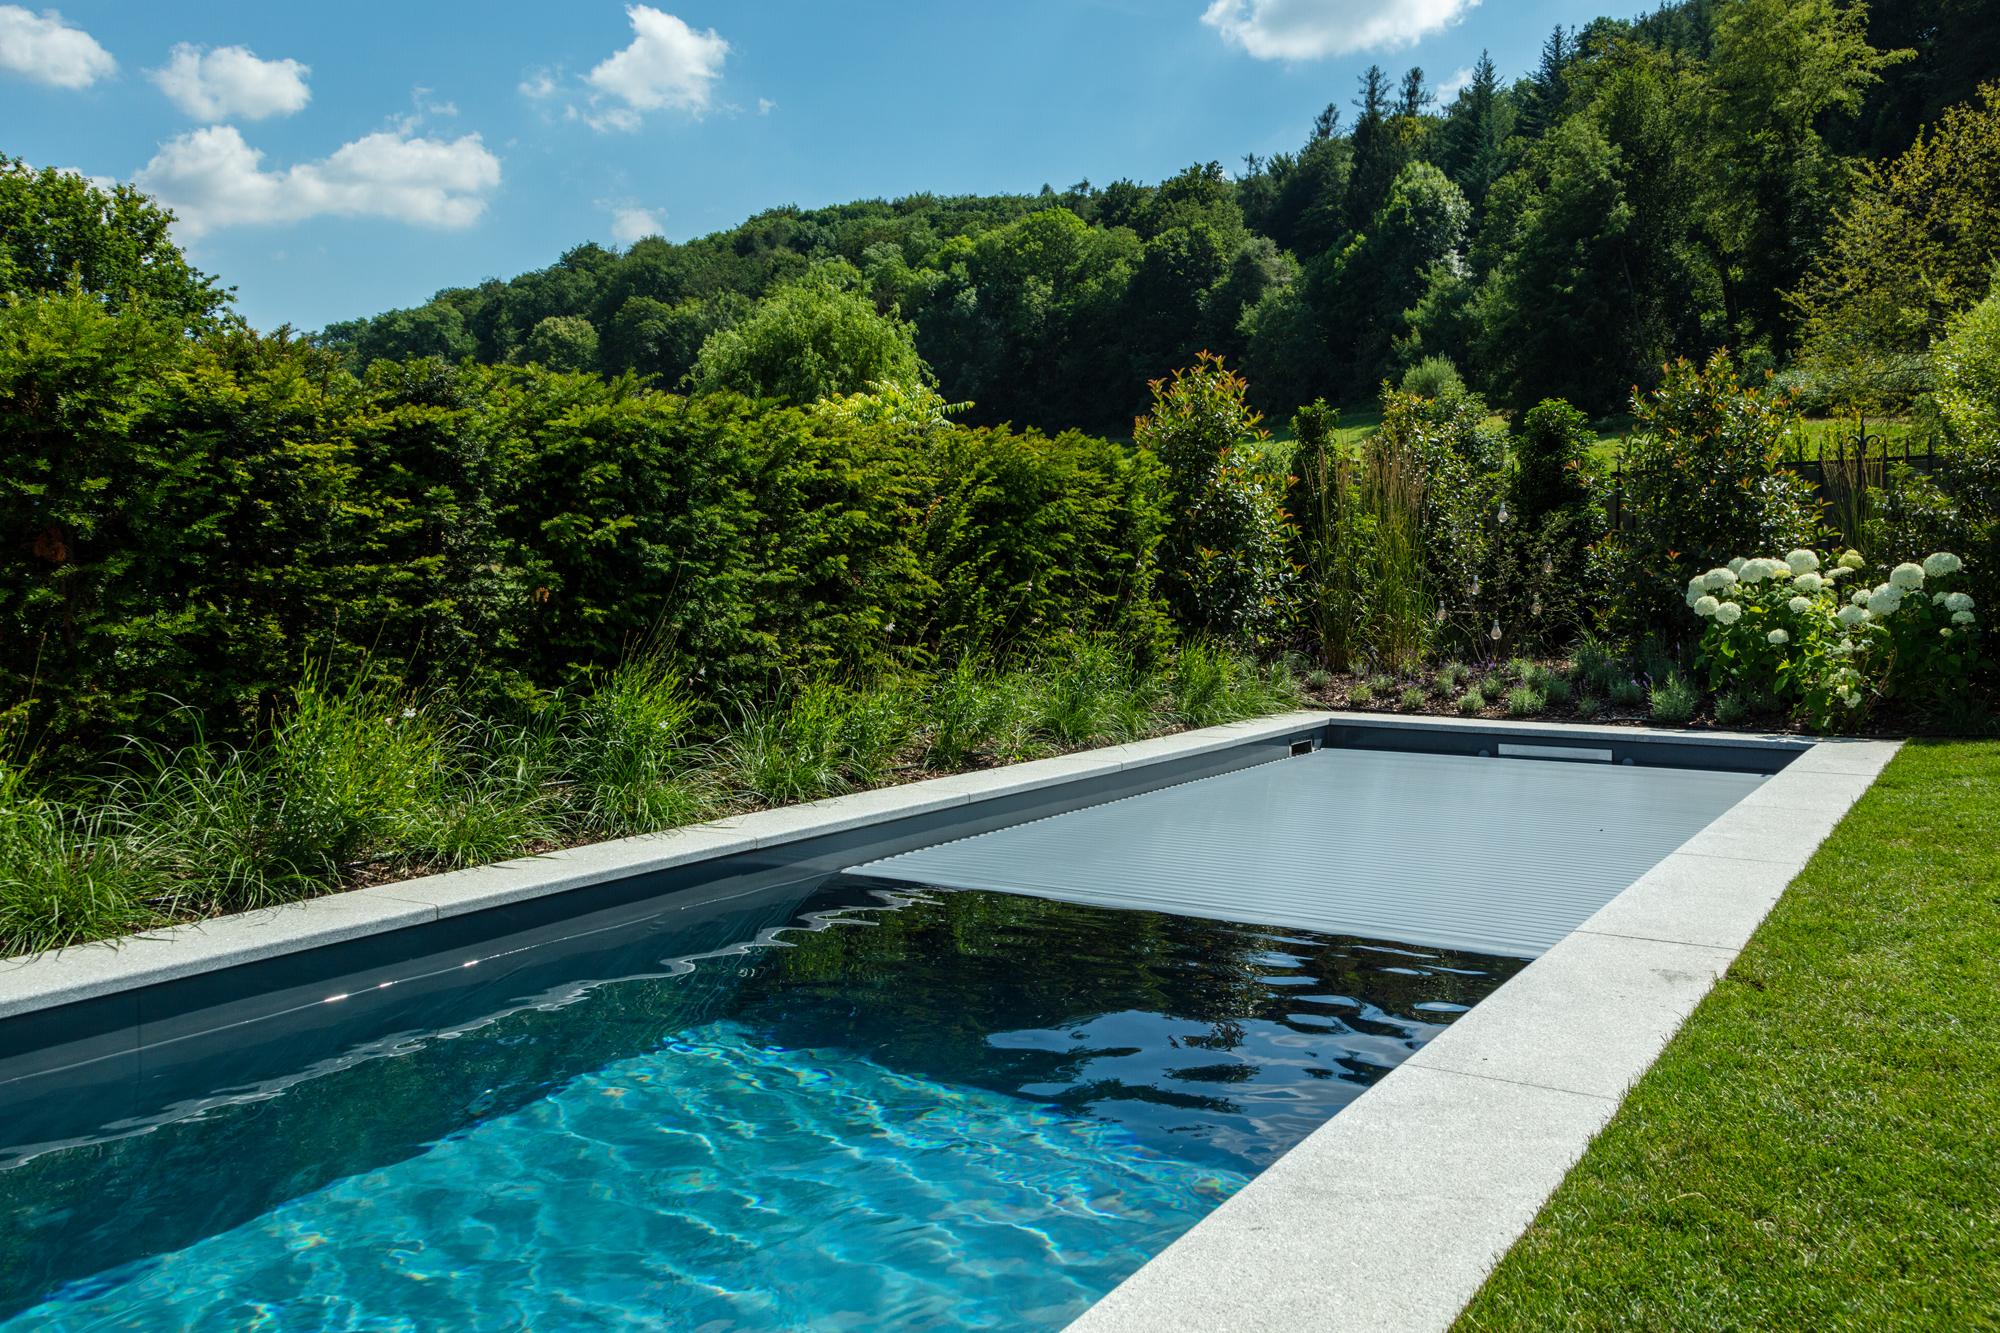 Indem die Abdeckung geschlossen ist, schützt sie das Schwimmbecken vor Energieverluste